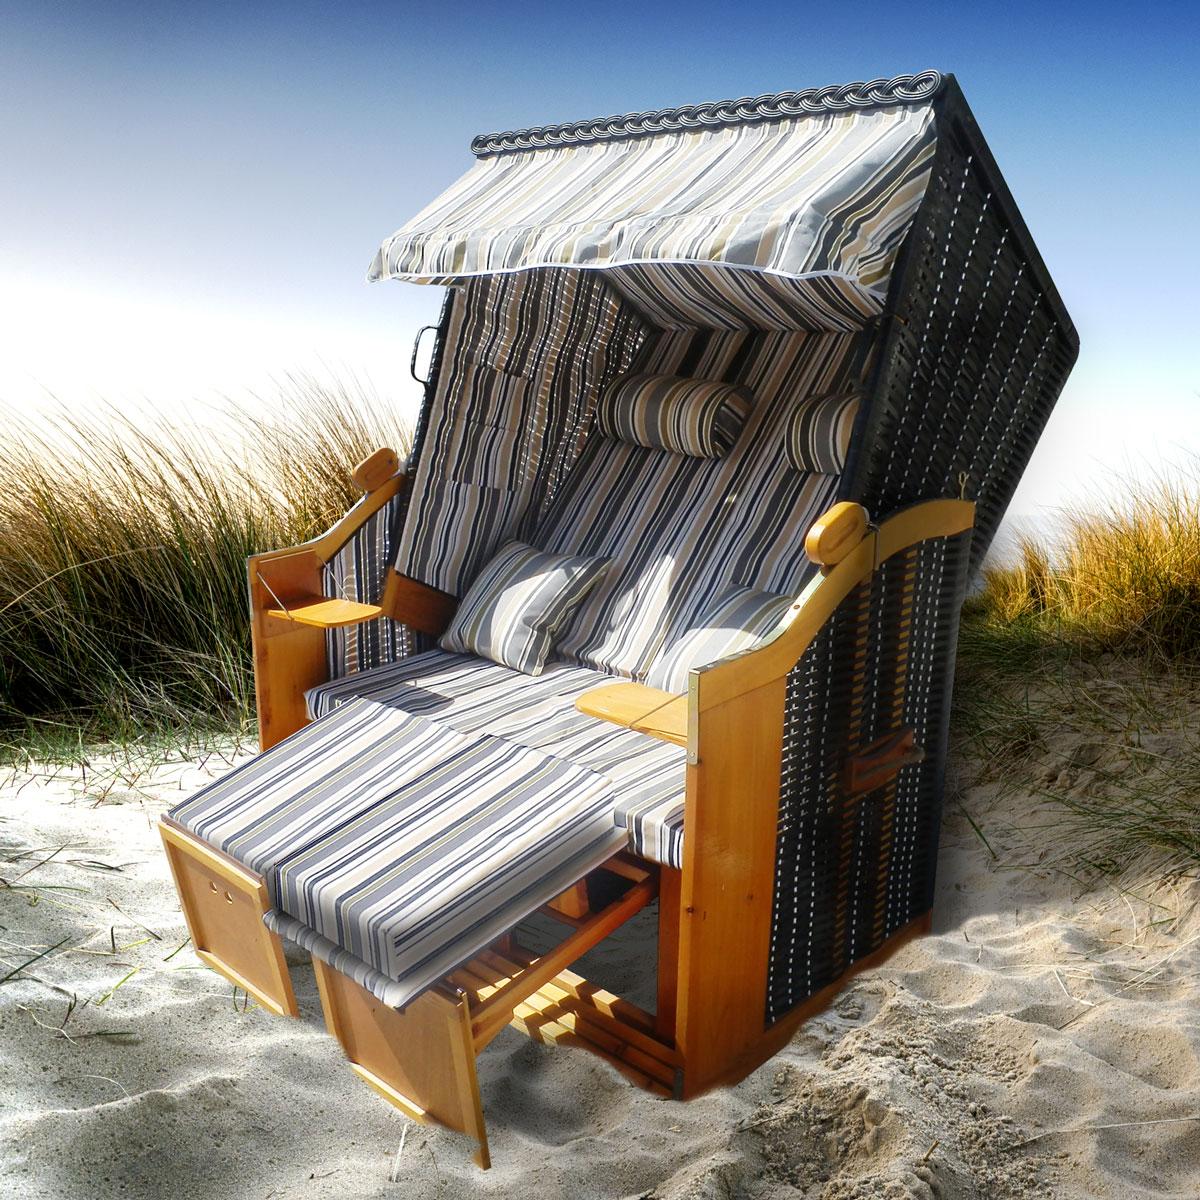 strandkorb premium volllieger ostsee gartenliege sonneninsel poly rattan xxl ebay. Black Bedroom Furniture Sets. Home Design Ideas